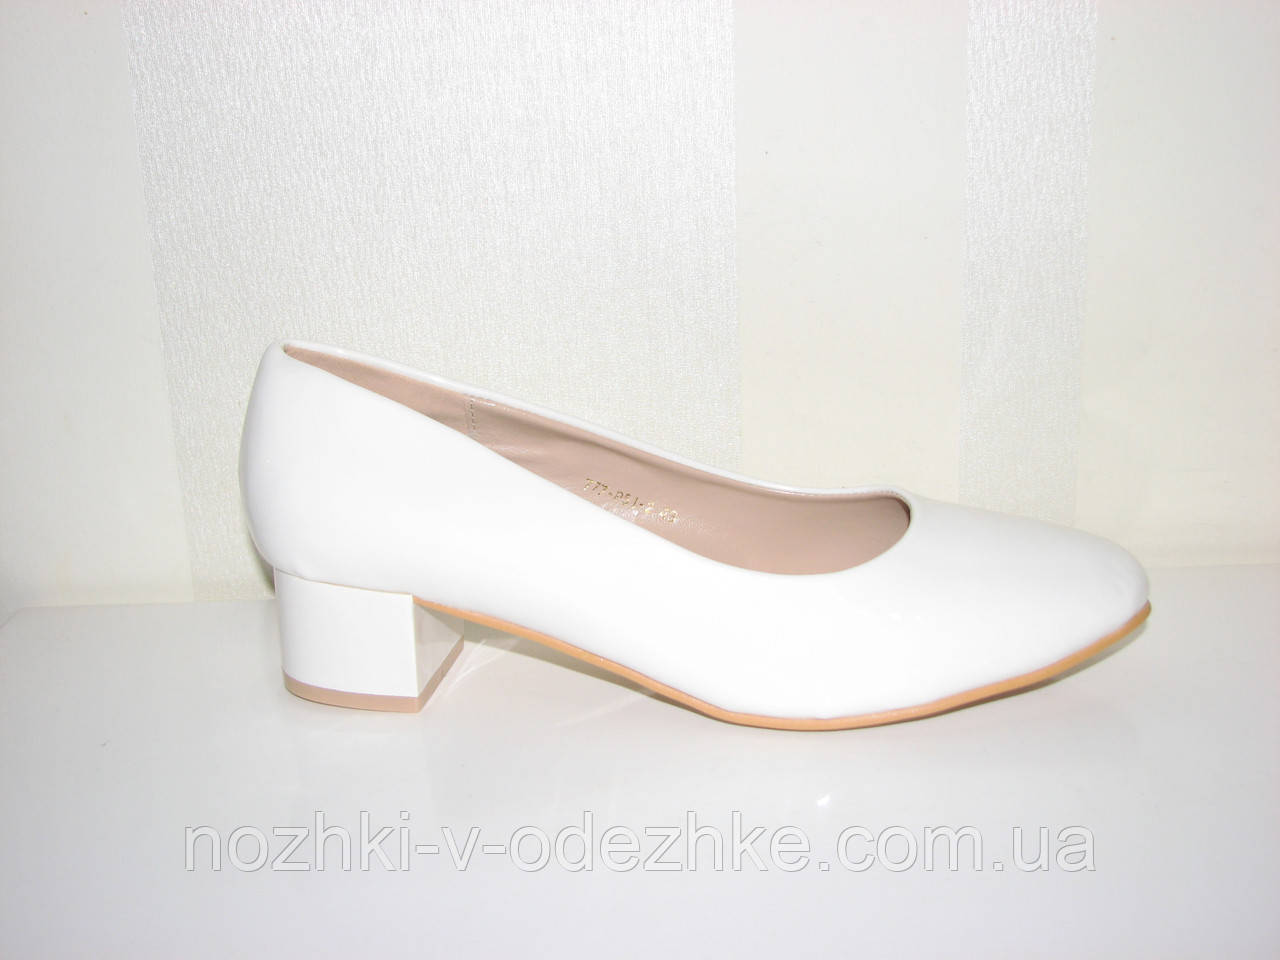 d2a39b569 Классические женские туфли на маленьком каблуке большого размера 43 -  Интернет магазин